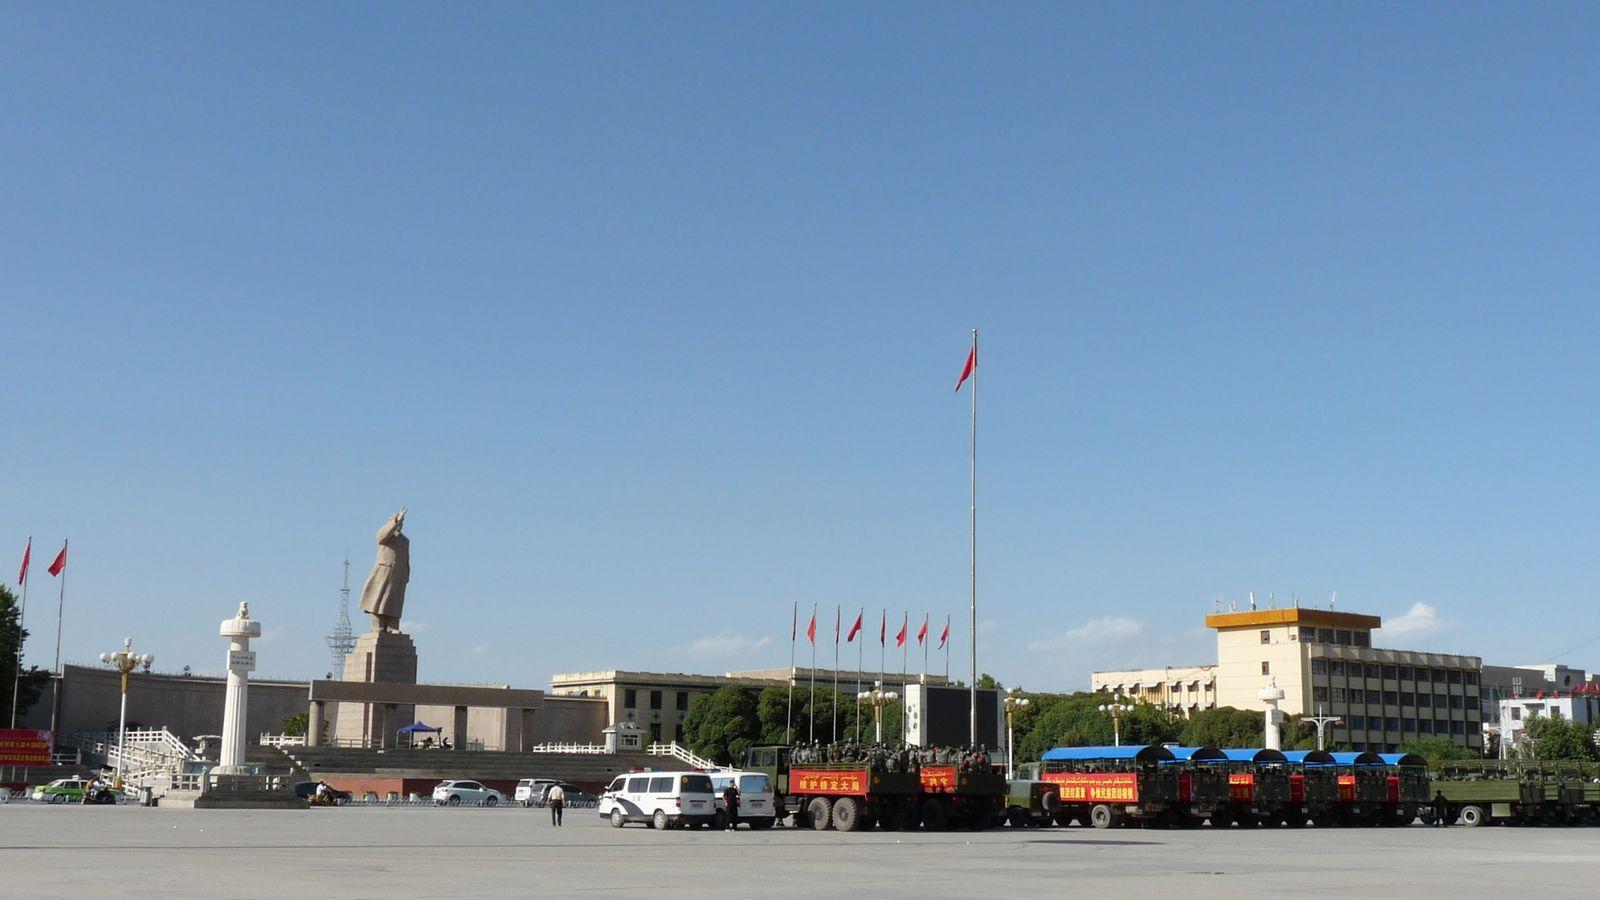 Les troupes chinoises sont deployees de partout ces temps-ci. A priori, ils ont trouve Mao et ce ne n'est pas nous qu'ils cherchent.